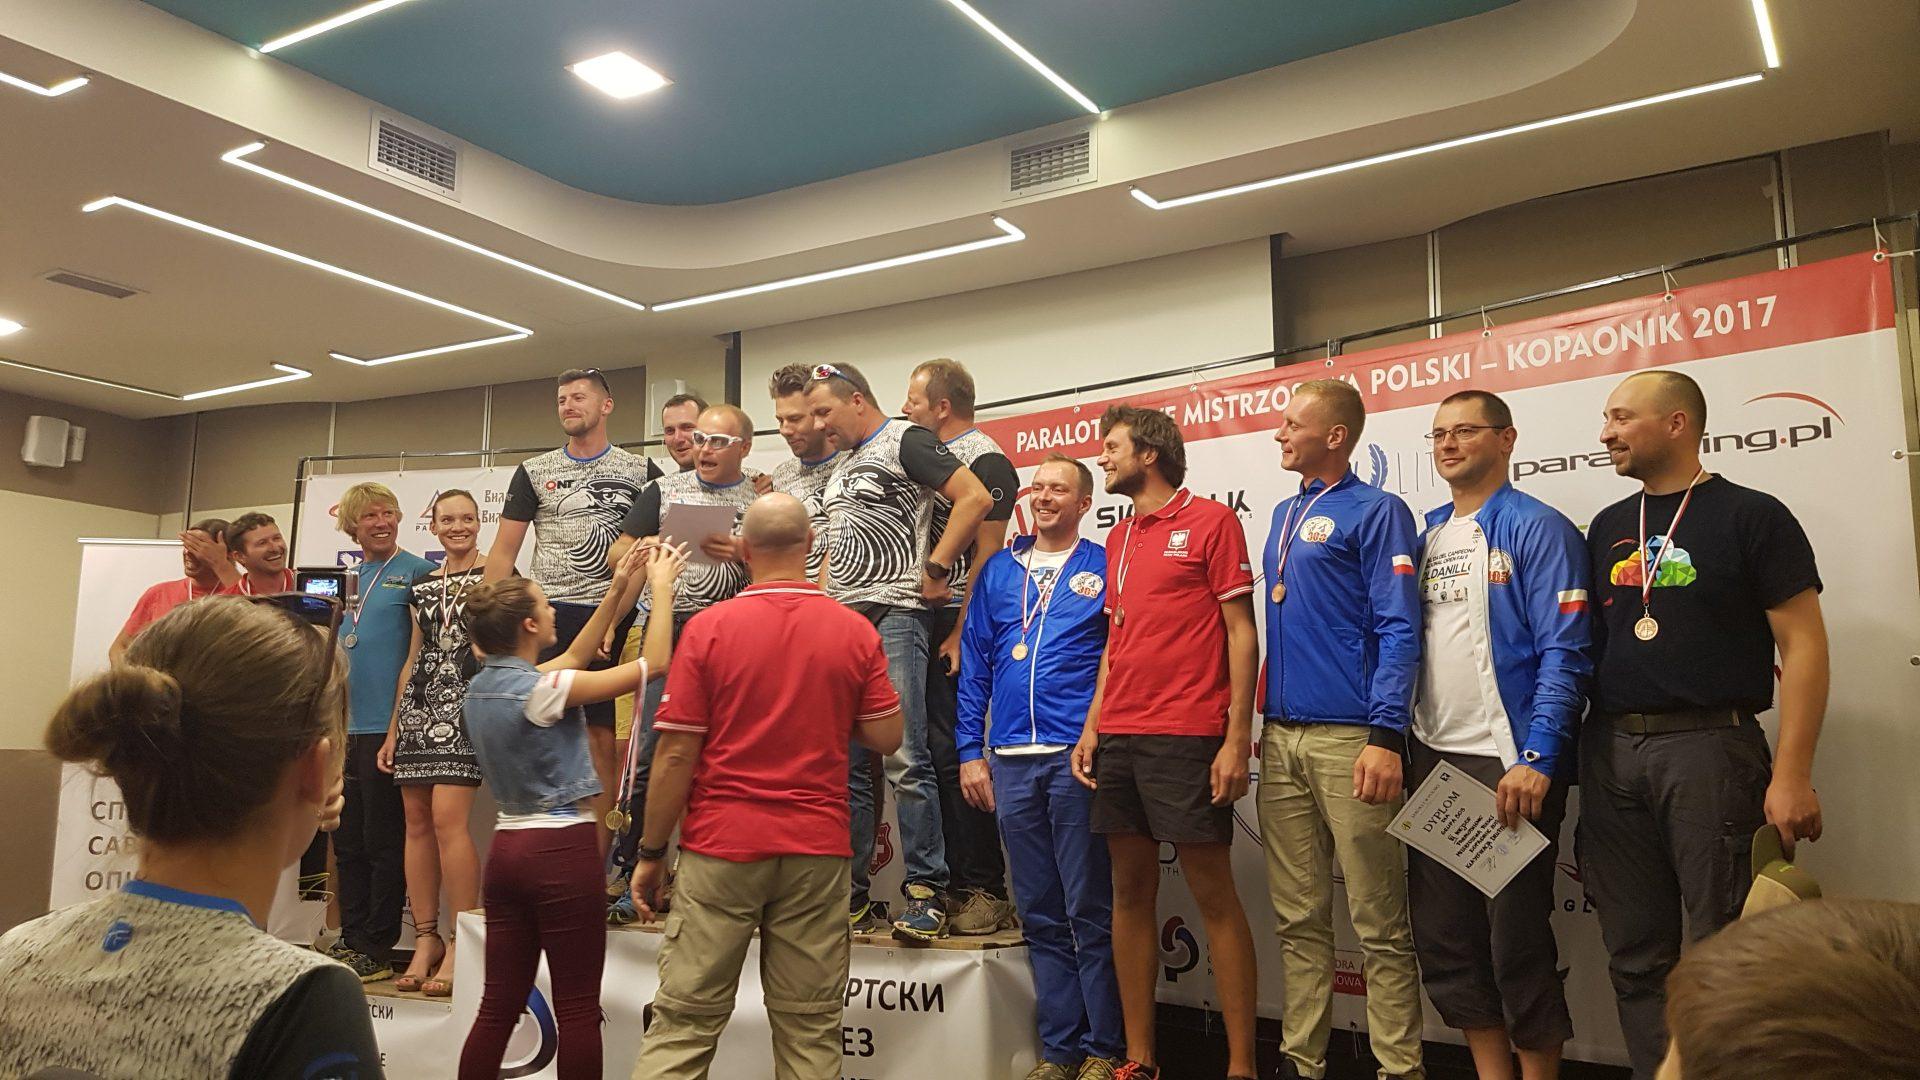 Paralotniowe Mistrzostwa Polski 2017 - zwycięskie druzyny